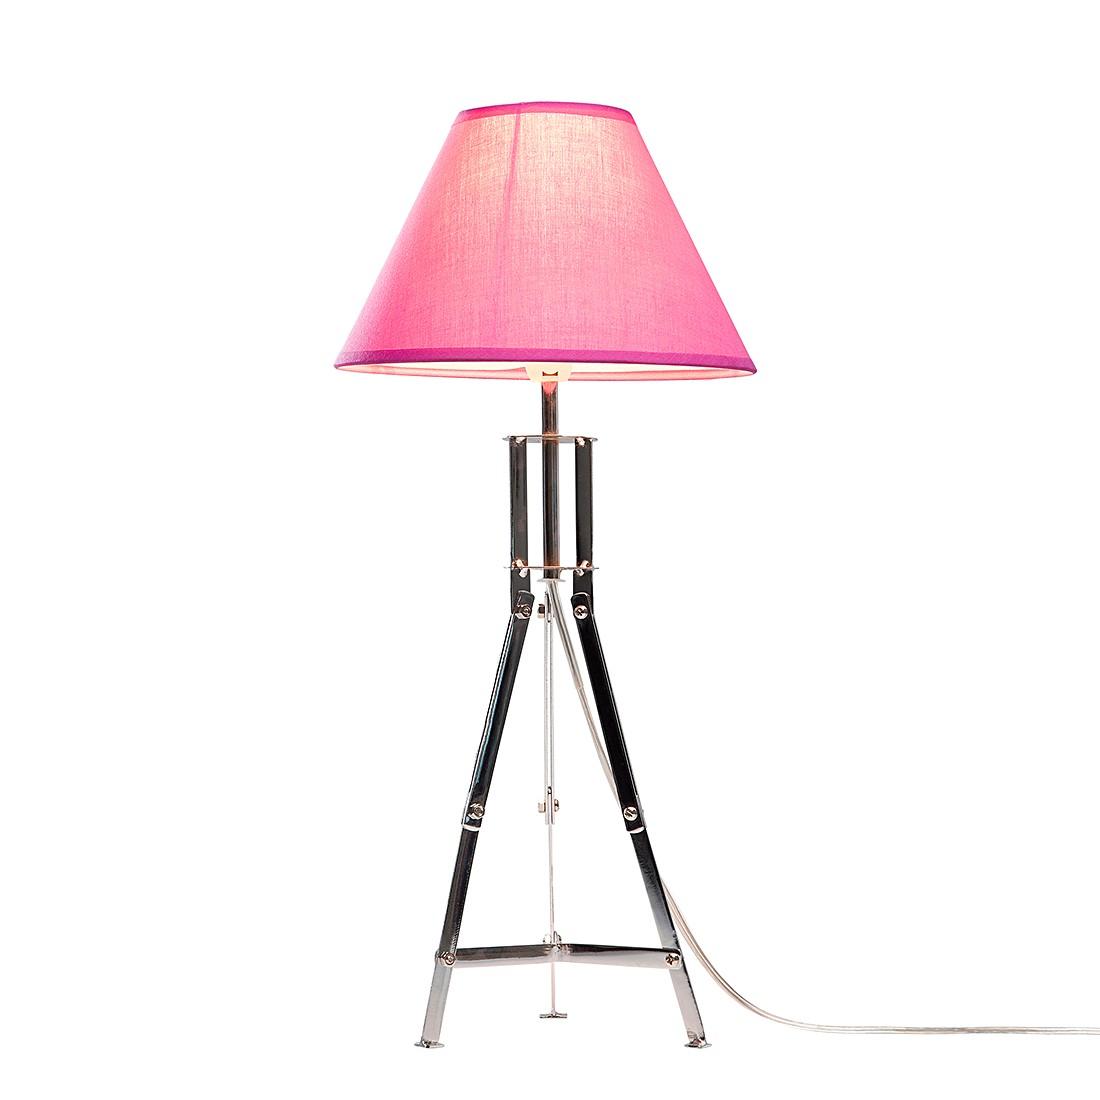 EEK A++, Tischleuchte Rhythm – Pink, Kare Design günstig online kaufen